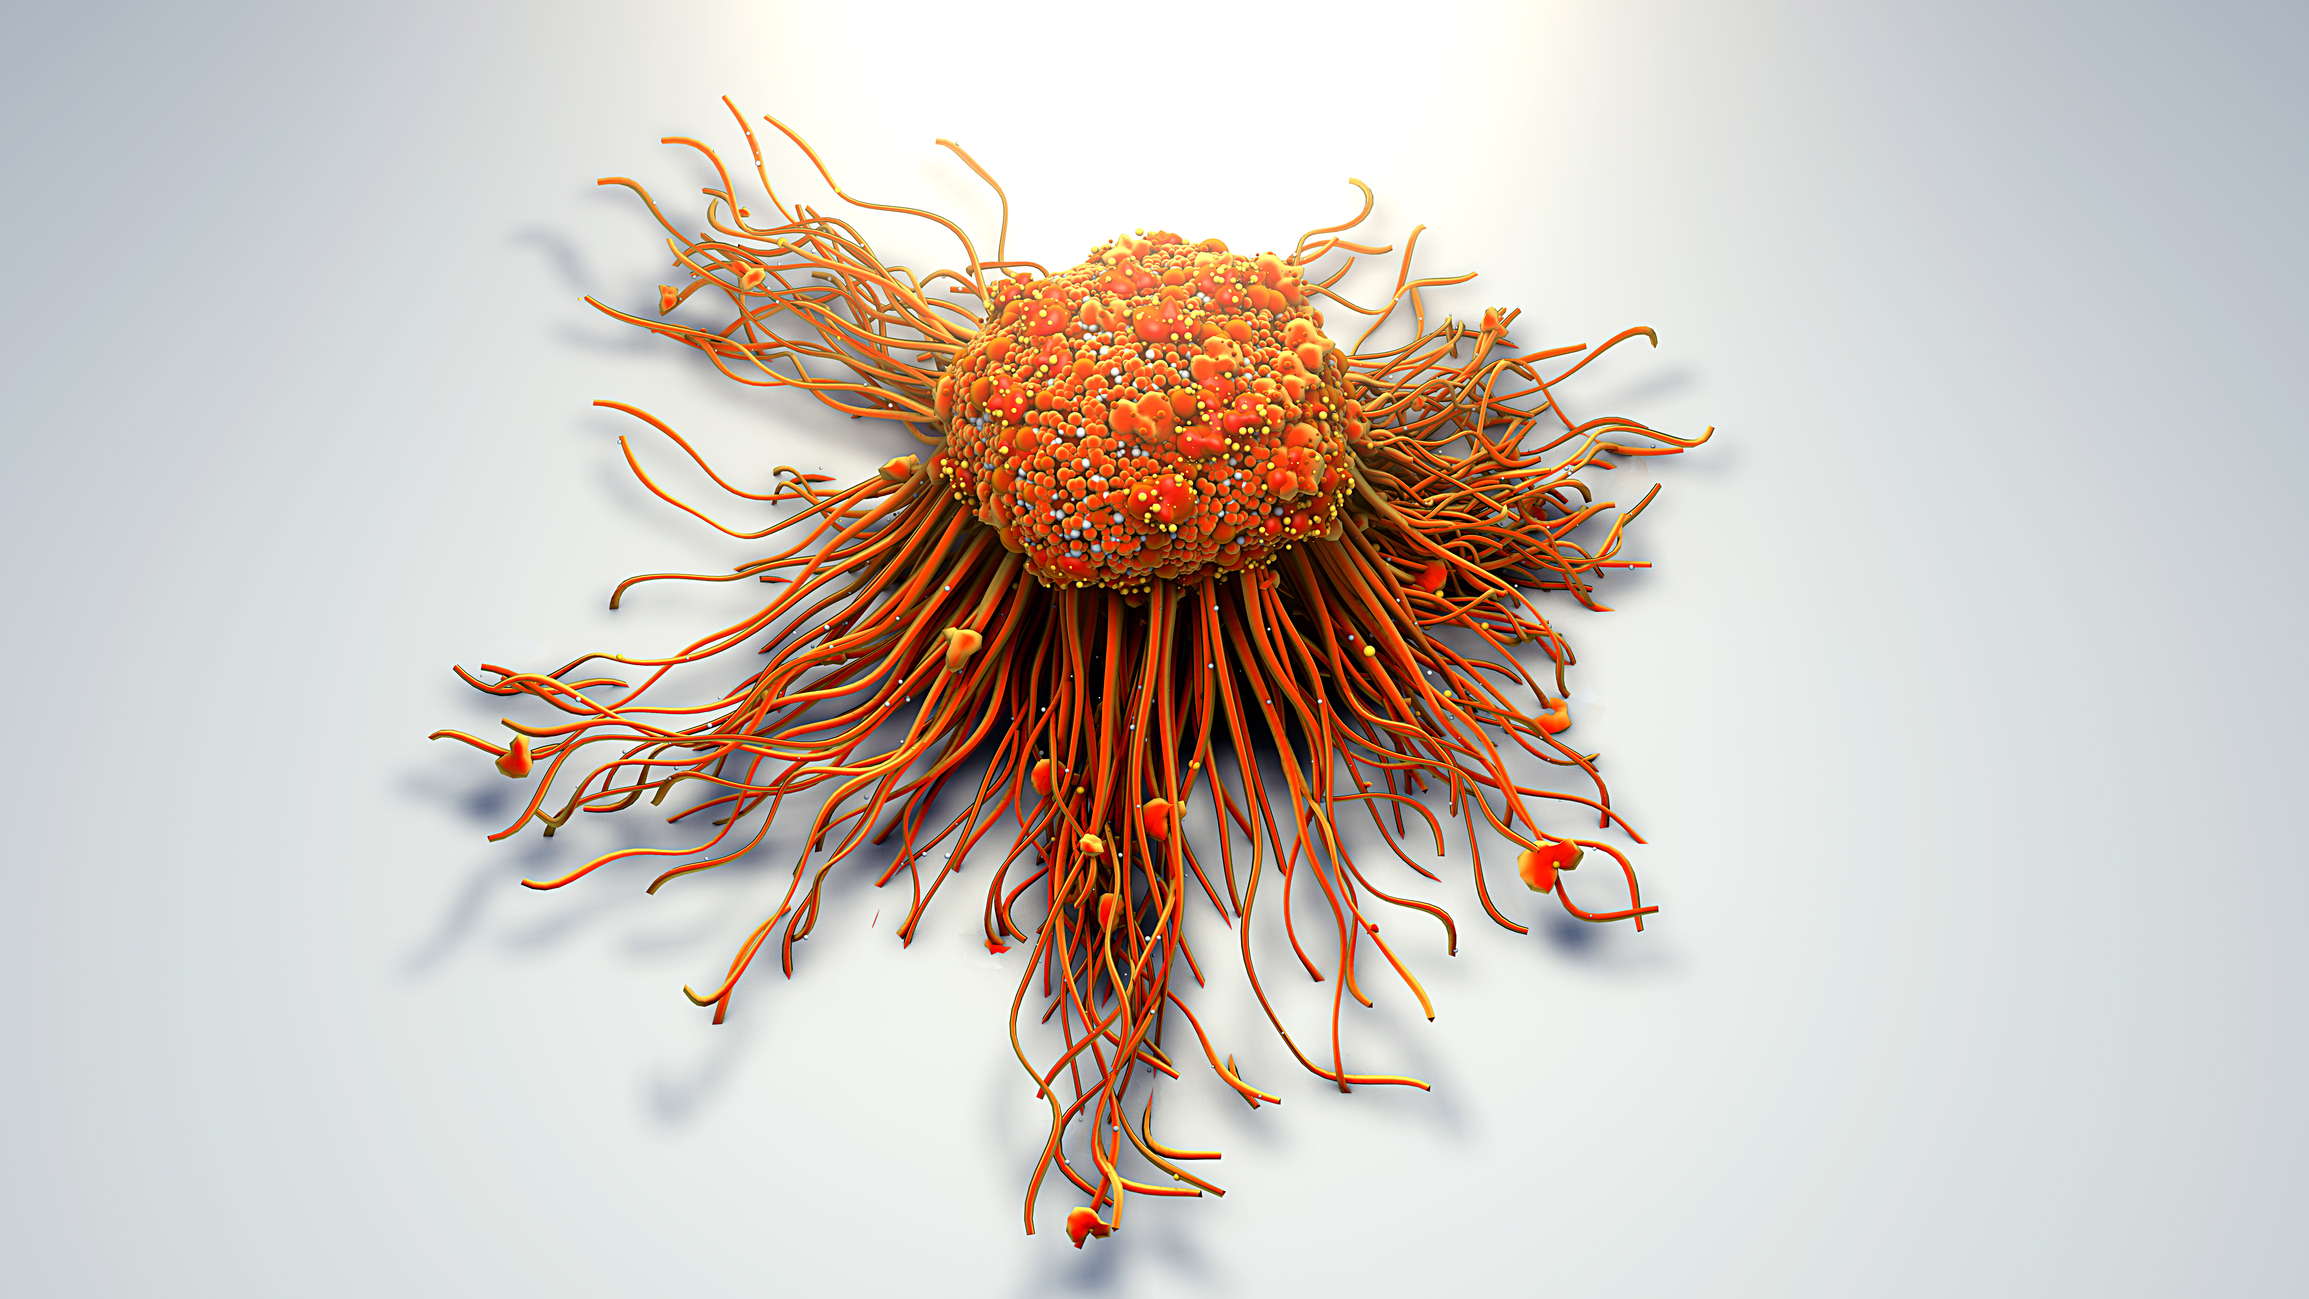 Une équipe internationale identifie une molécule clé dans la régulation du système immunitaire liée à une nouvelle maladie génétique